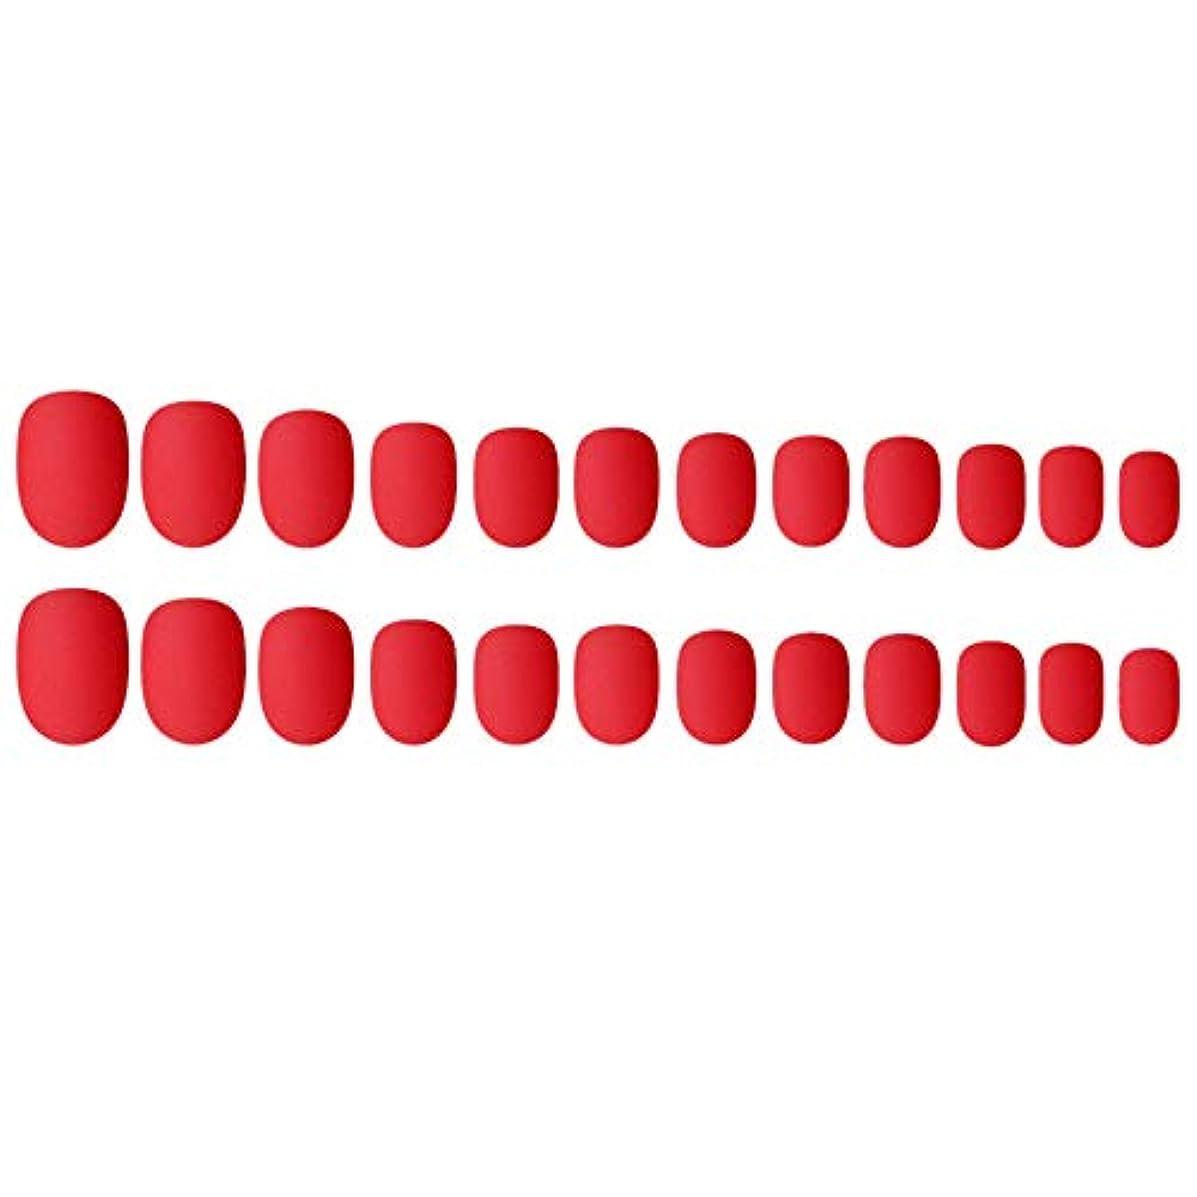 資本主義苗悪化するDecdeal ネイルチップ 24ピース 偽ネイルのヒント 12種類のサイズ ネイルサロン diy ネイルアートツール